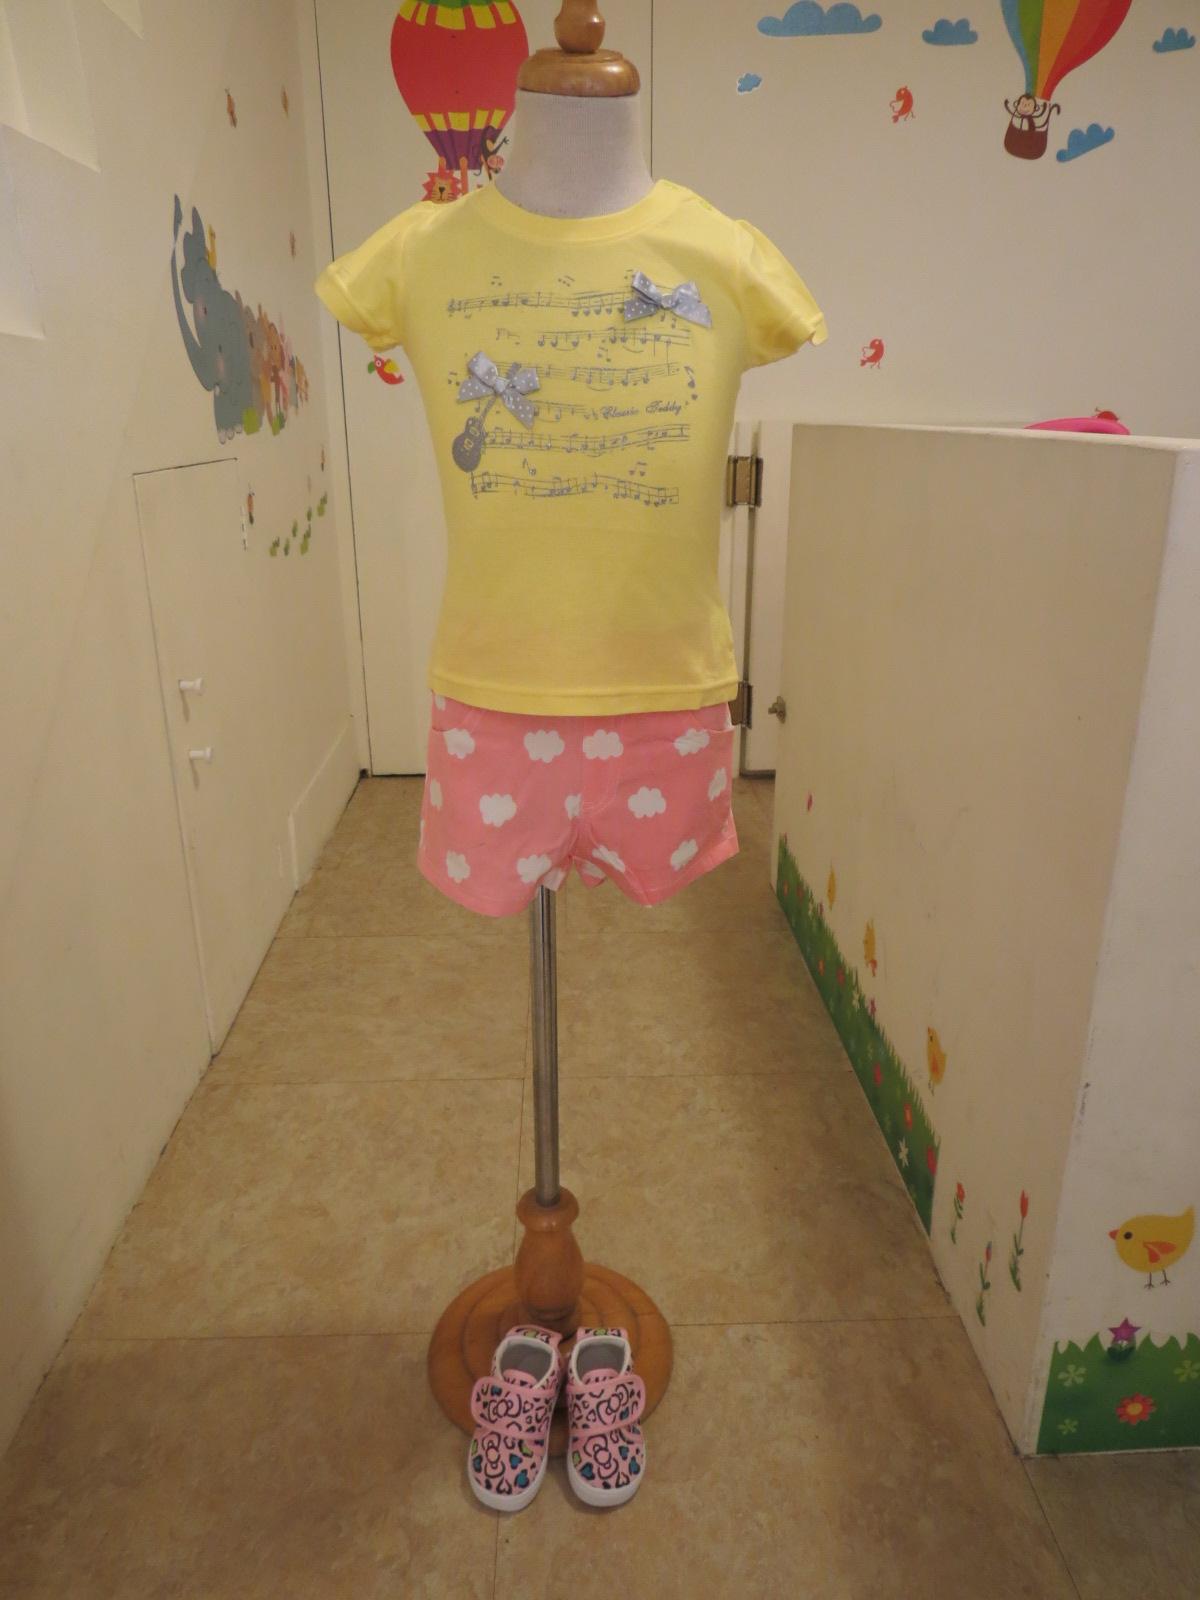 熱汽球潮流童裝~(限時優惠)專櫃品牌精典泰迪~女童樂譜短袖上衣  黃色